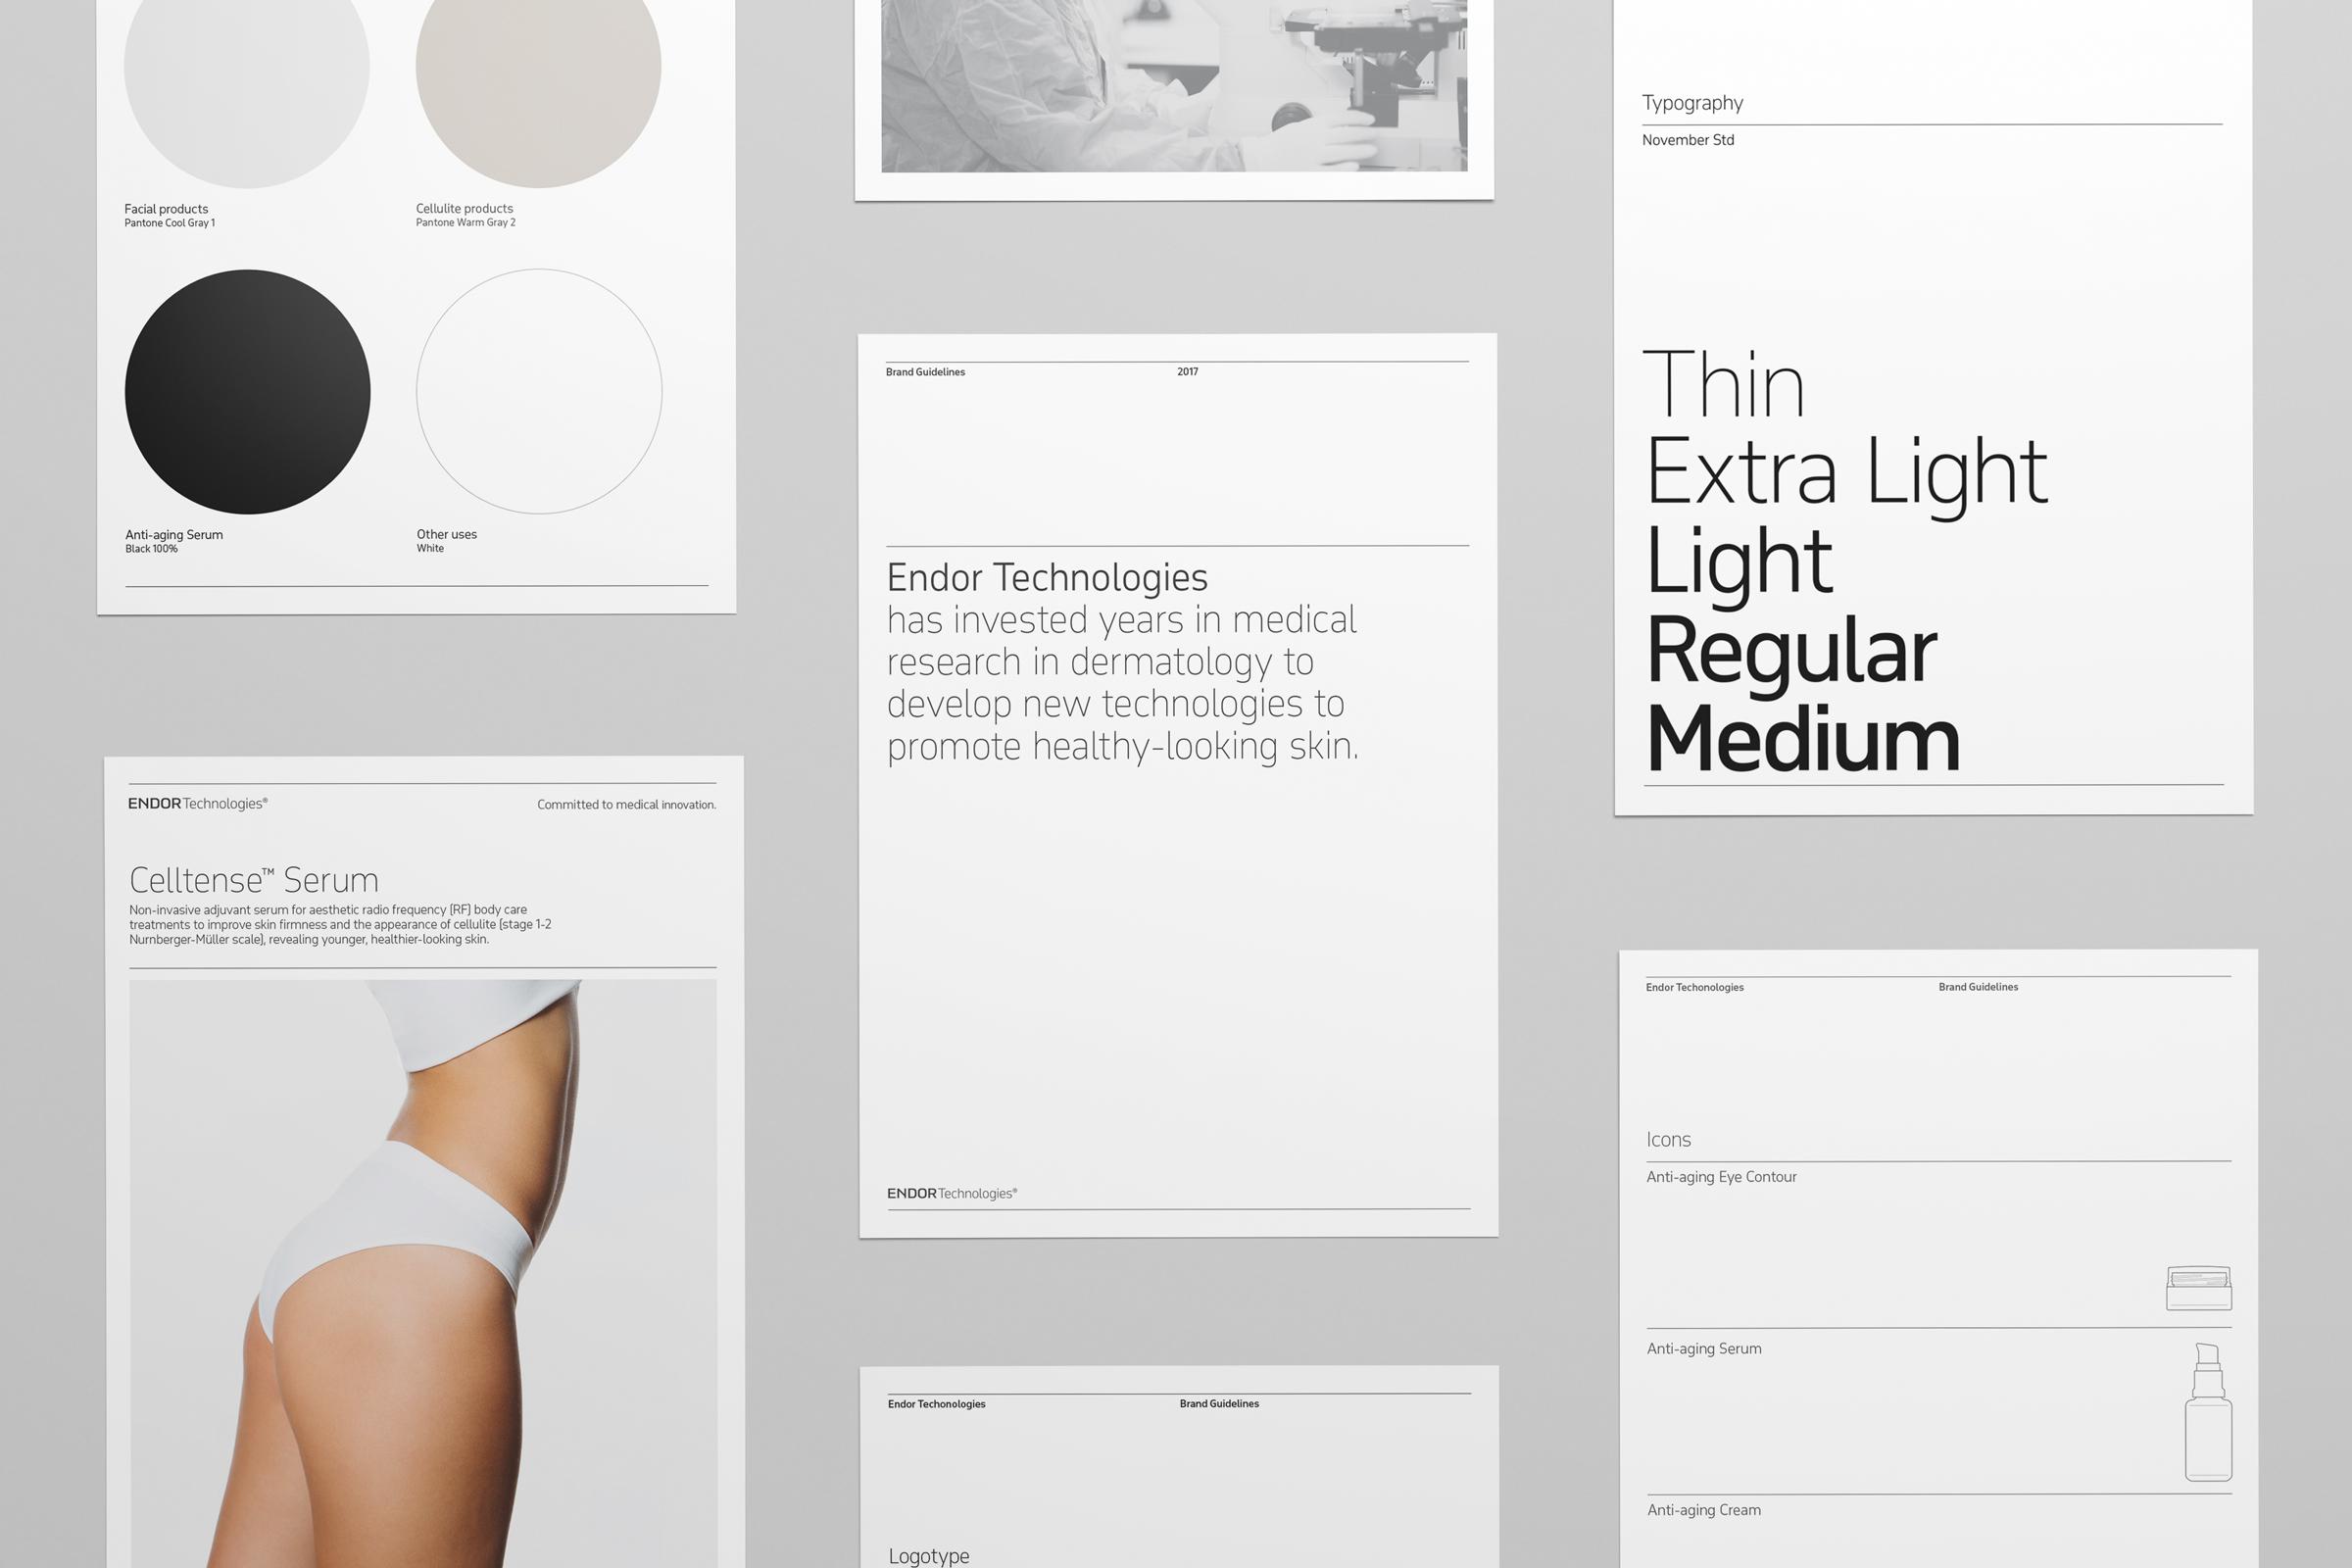 Fase, estudio de diseño gráfico. Identidad corporativa y diseño de packaging para Endor Technologies. Brand guidelines.